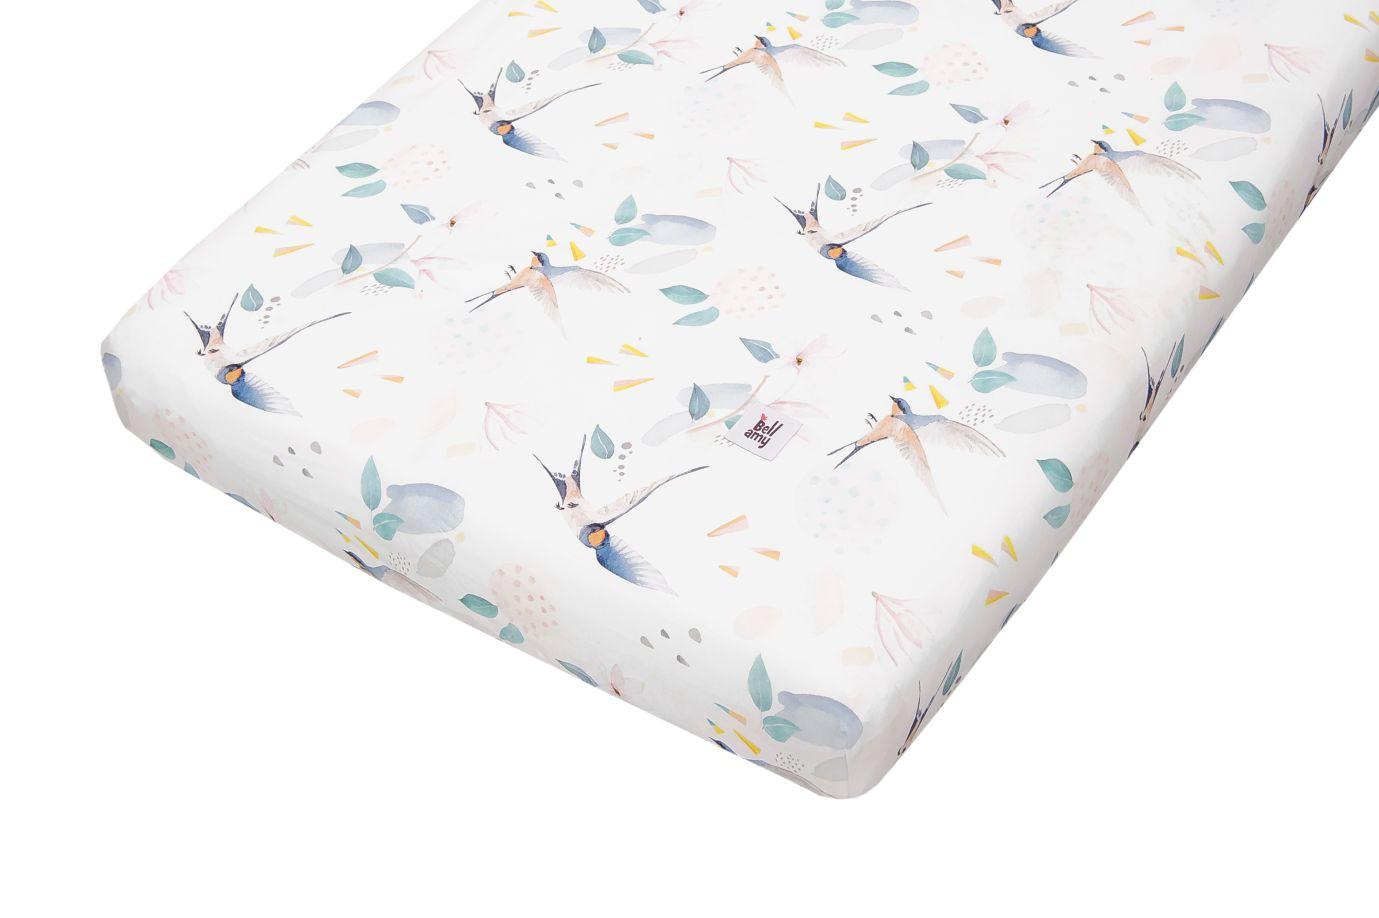 ArtBel Plachta na detskú posteľ FLY Prevedenie: S - 60 x 120 cm